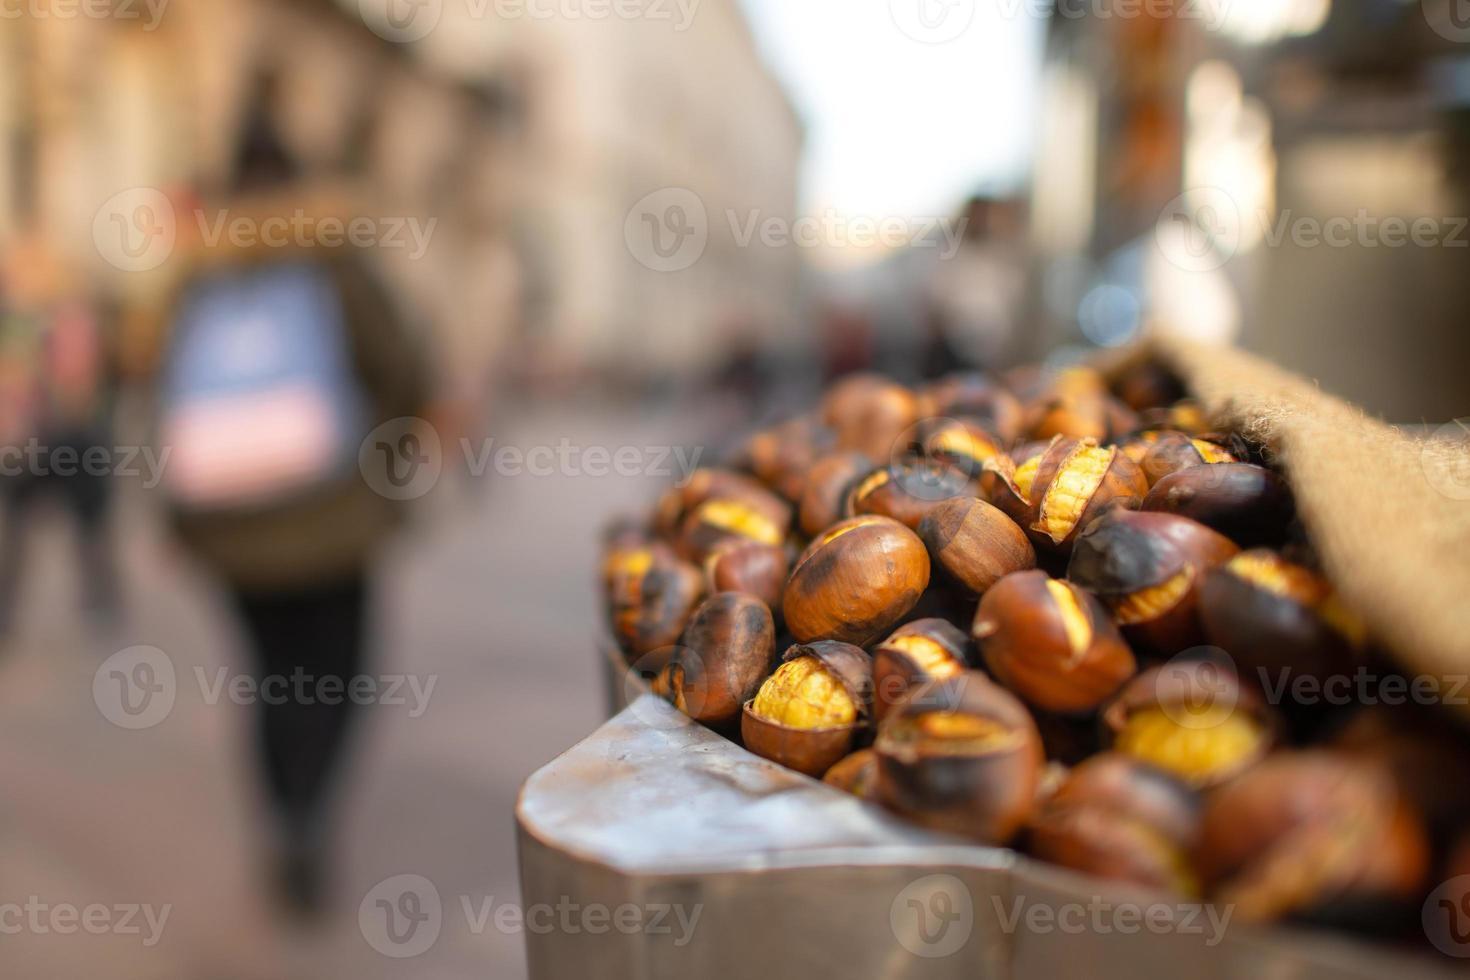 châtaignes grillées à vendre dans la rue de la ville à l'automne photo